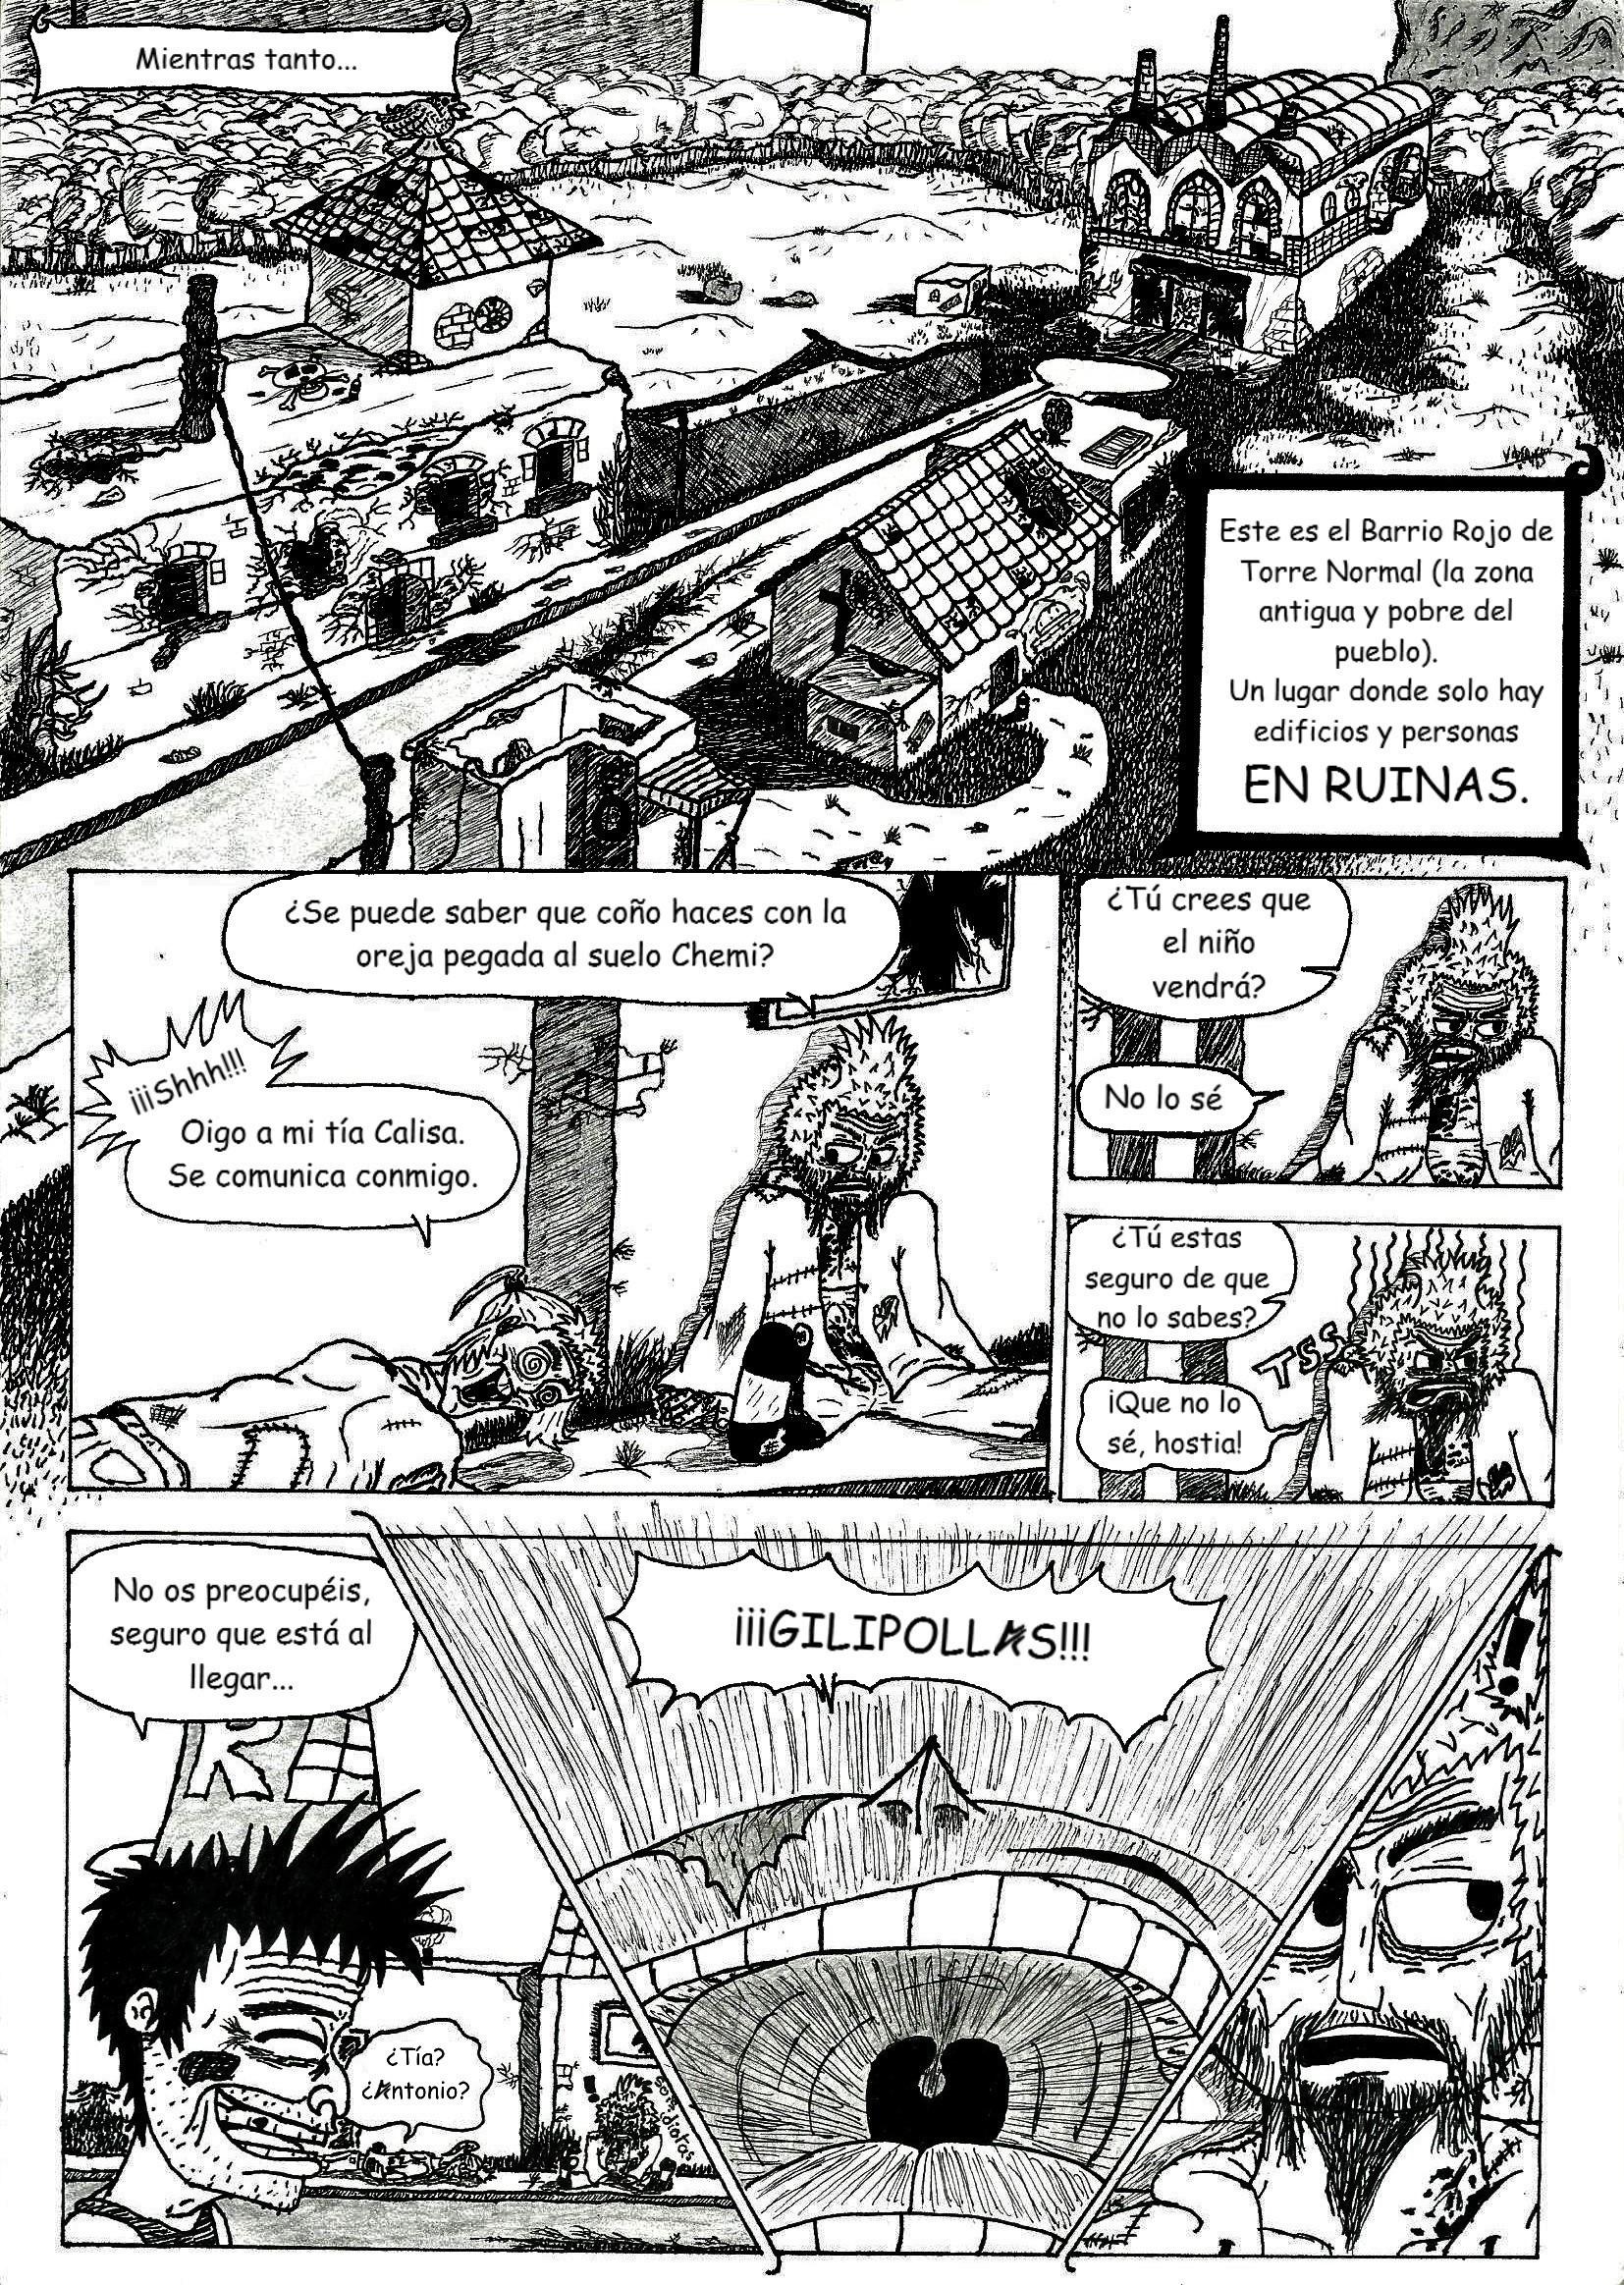 Avatar_01_J_Angel_Casado_Fuster_pagina00011